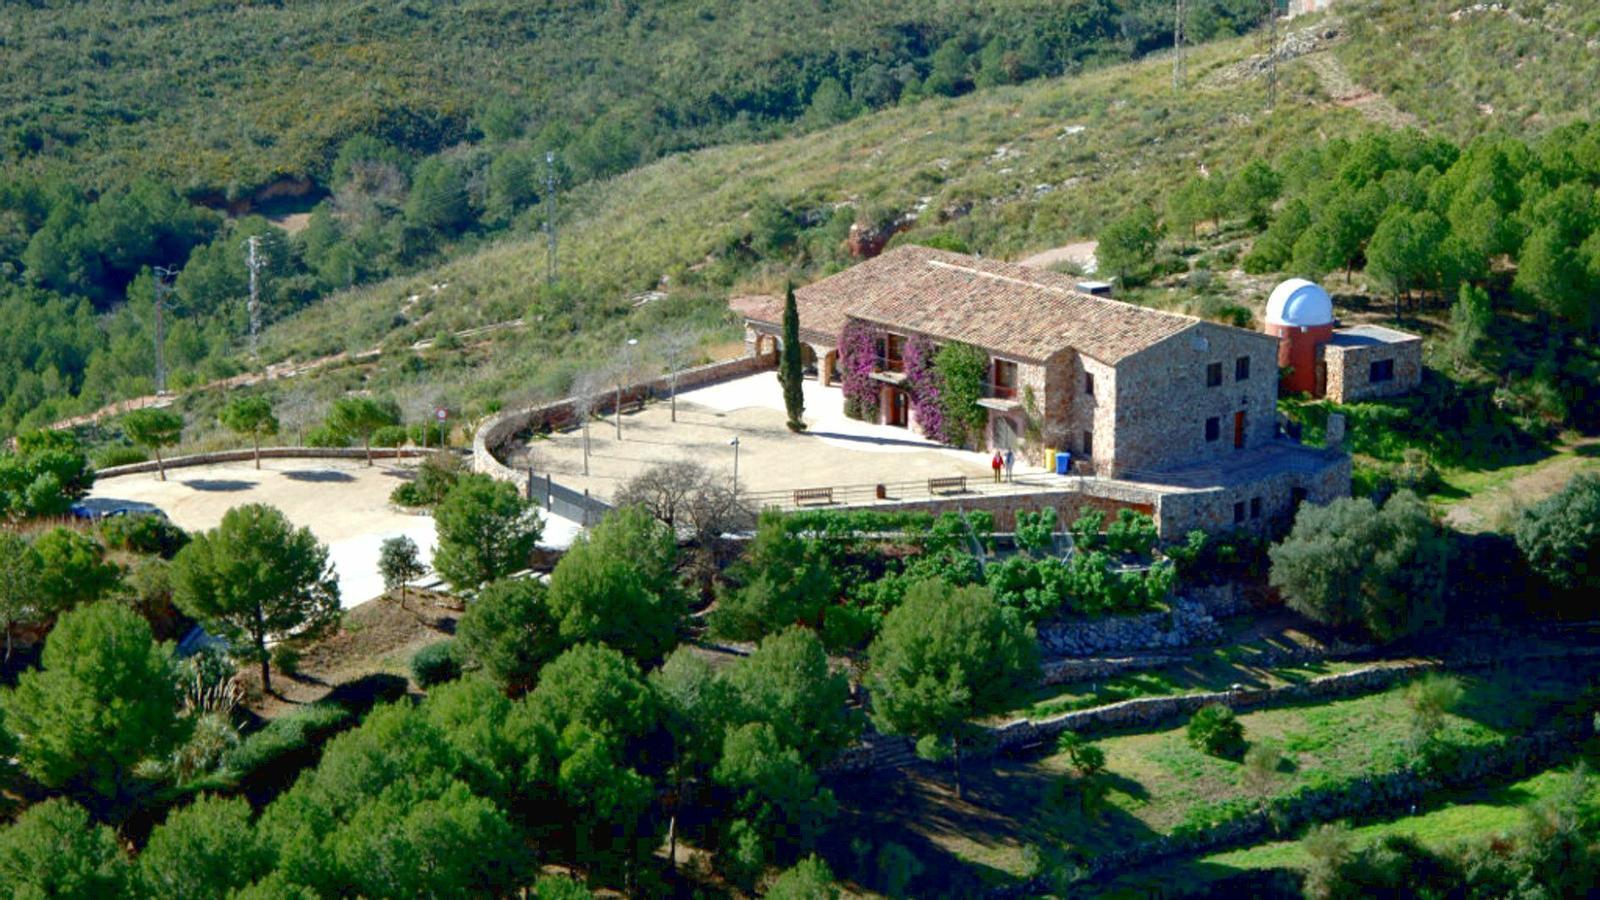 Imatge aèria d'arxiu de la casa Cal Ganxo, al terme municipal de Castelldefels, que la Generalitat havia habilitat per acollir 'menes'